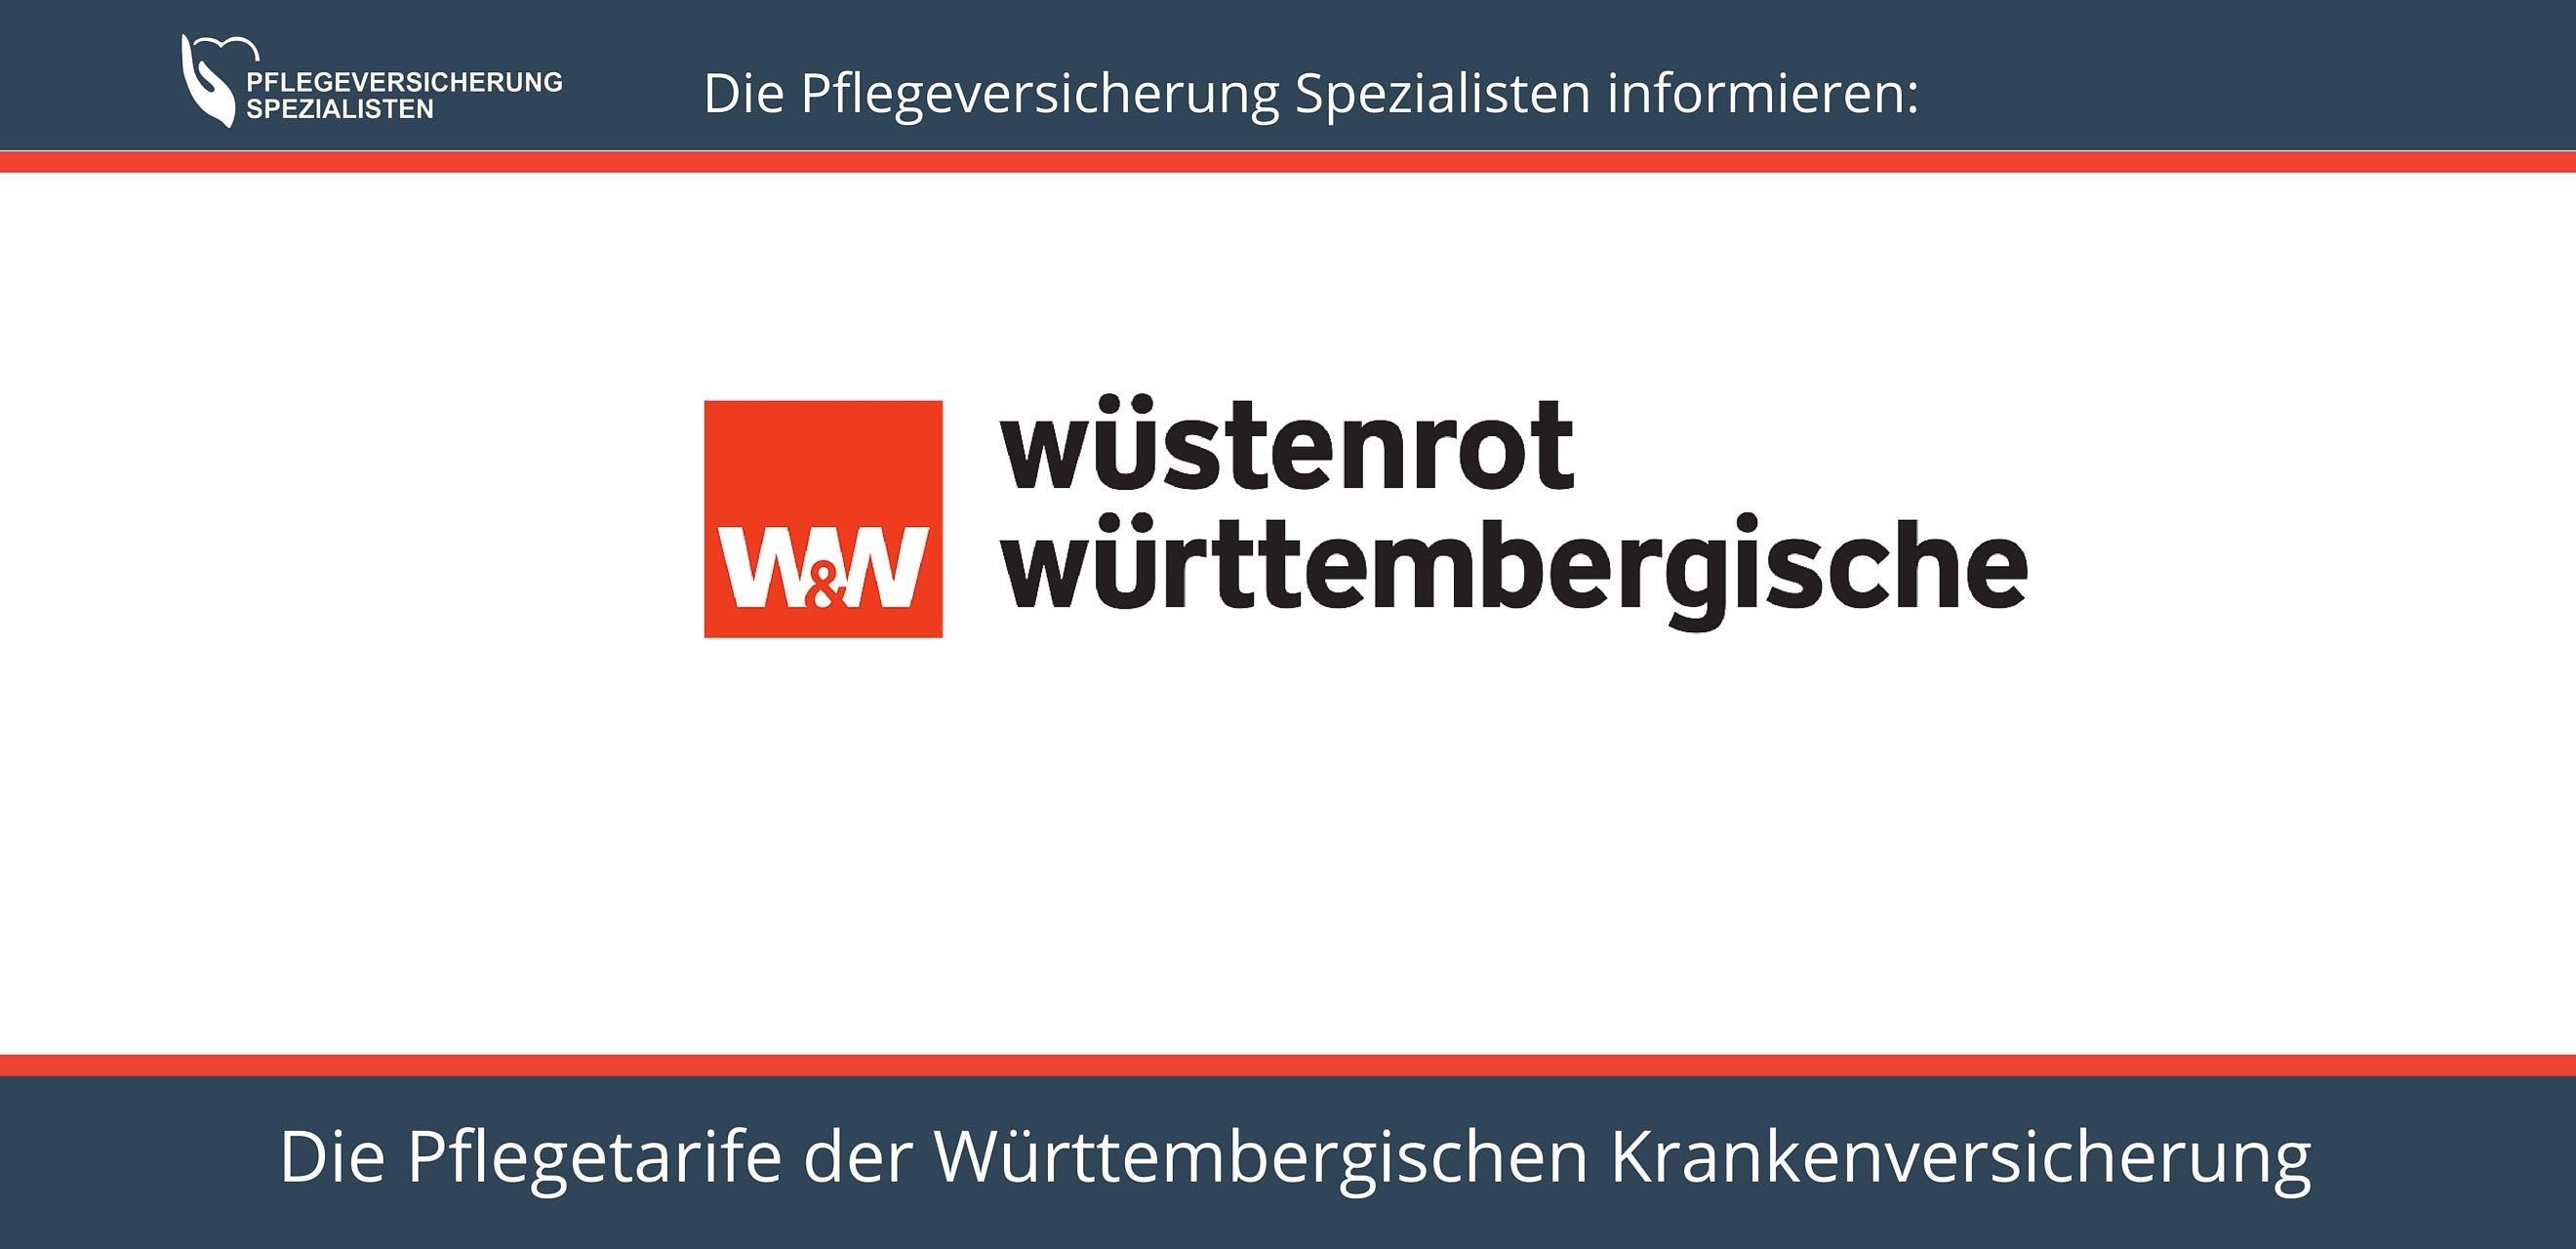 Die Pflegeversicherung Spezialisten informieren über die Pflegetarife der Württembergischen Krankenversicherung - Stiftungwaretest Sieger PTPU